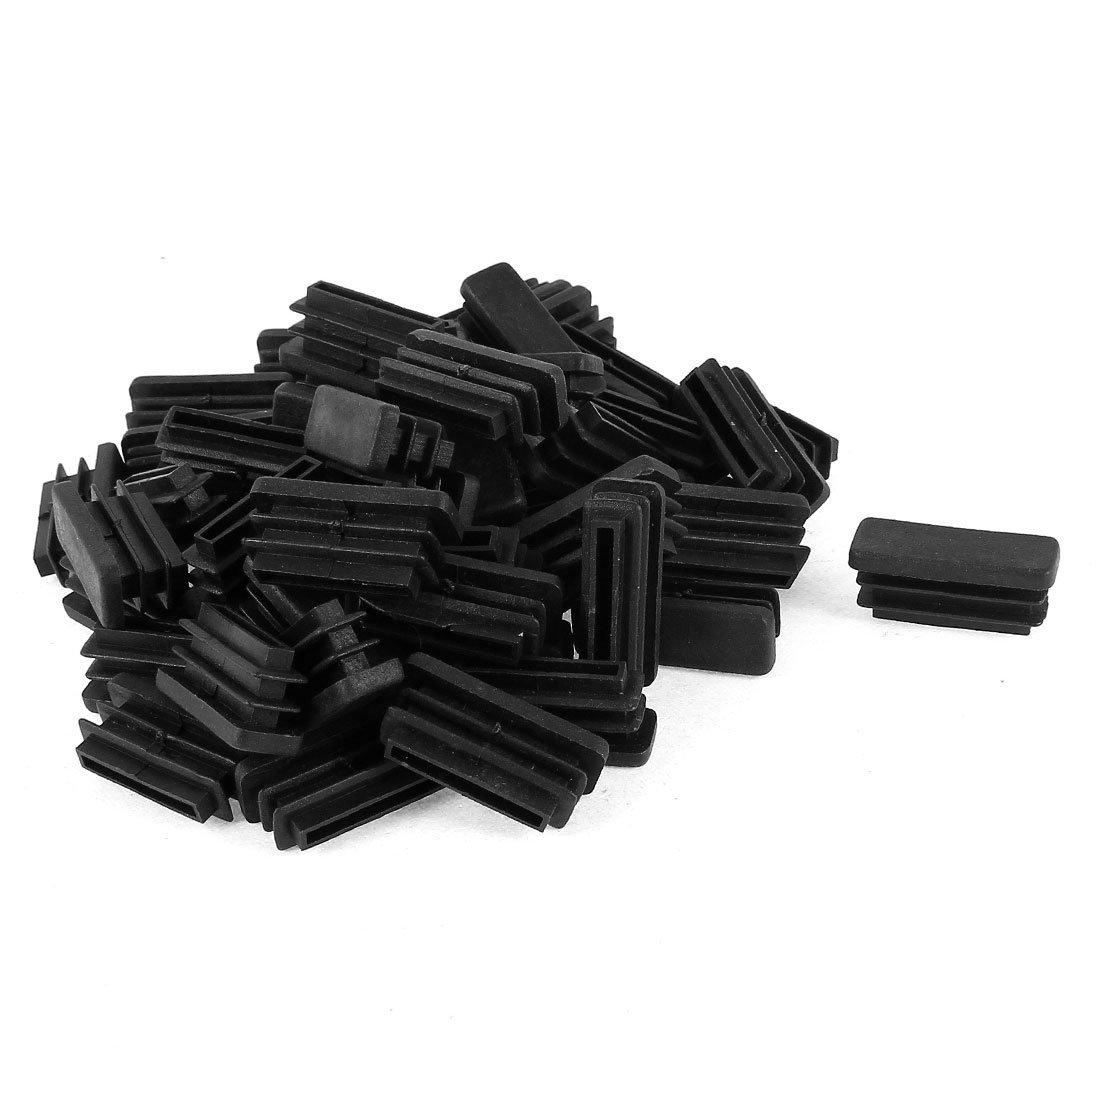 Plastic Rectangle Plug Furniture Tubing Protectors 10mm X 30mm 50 Pcs